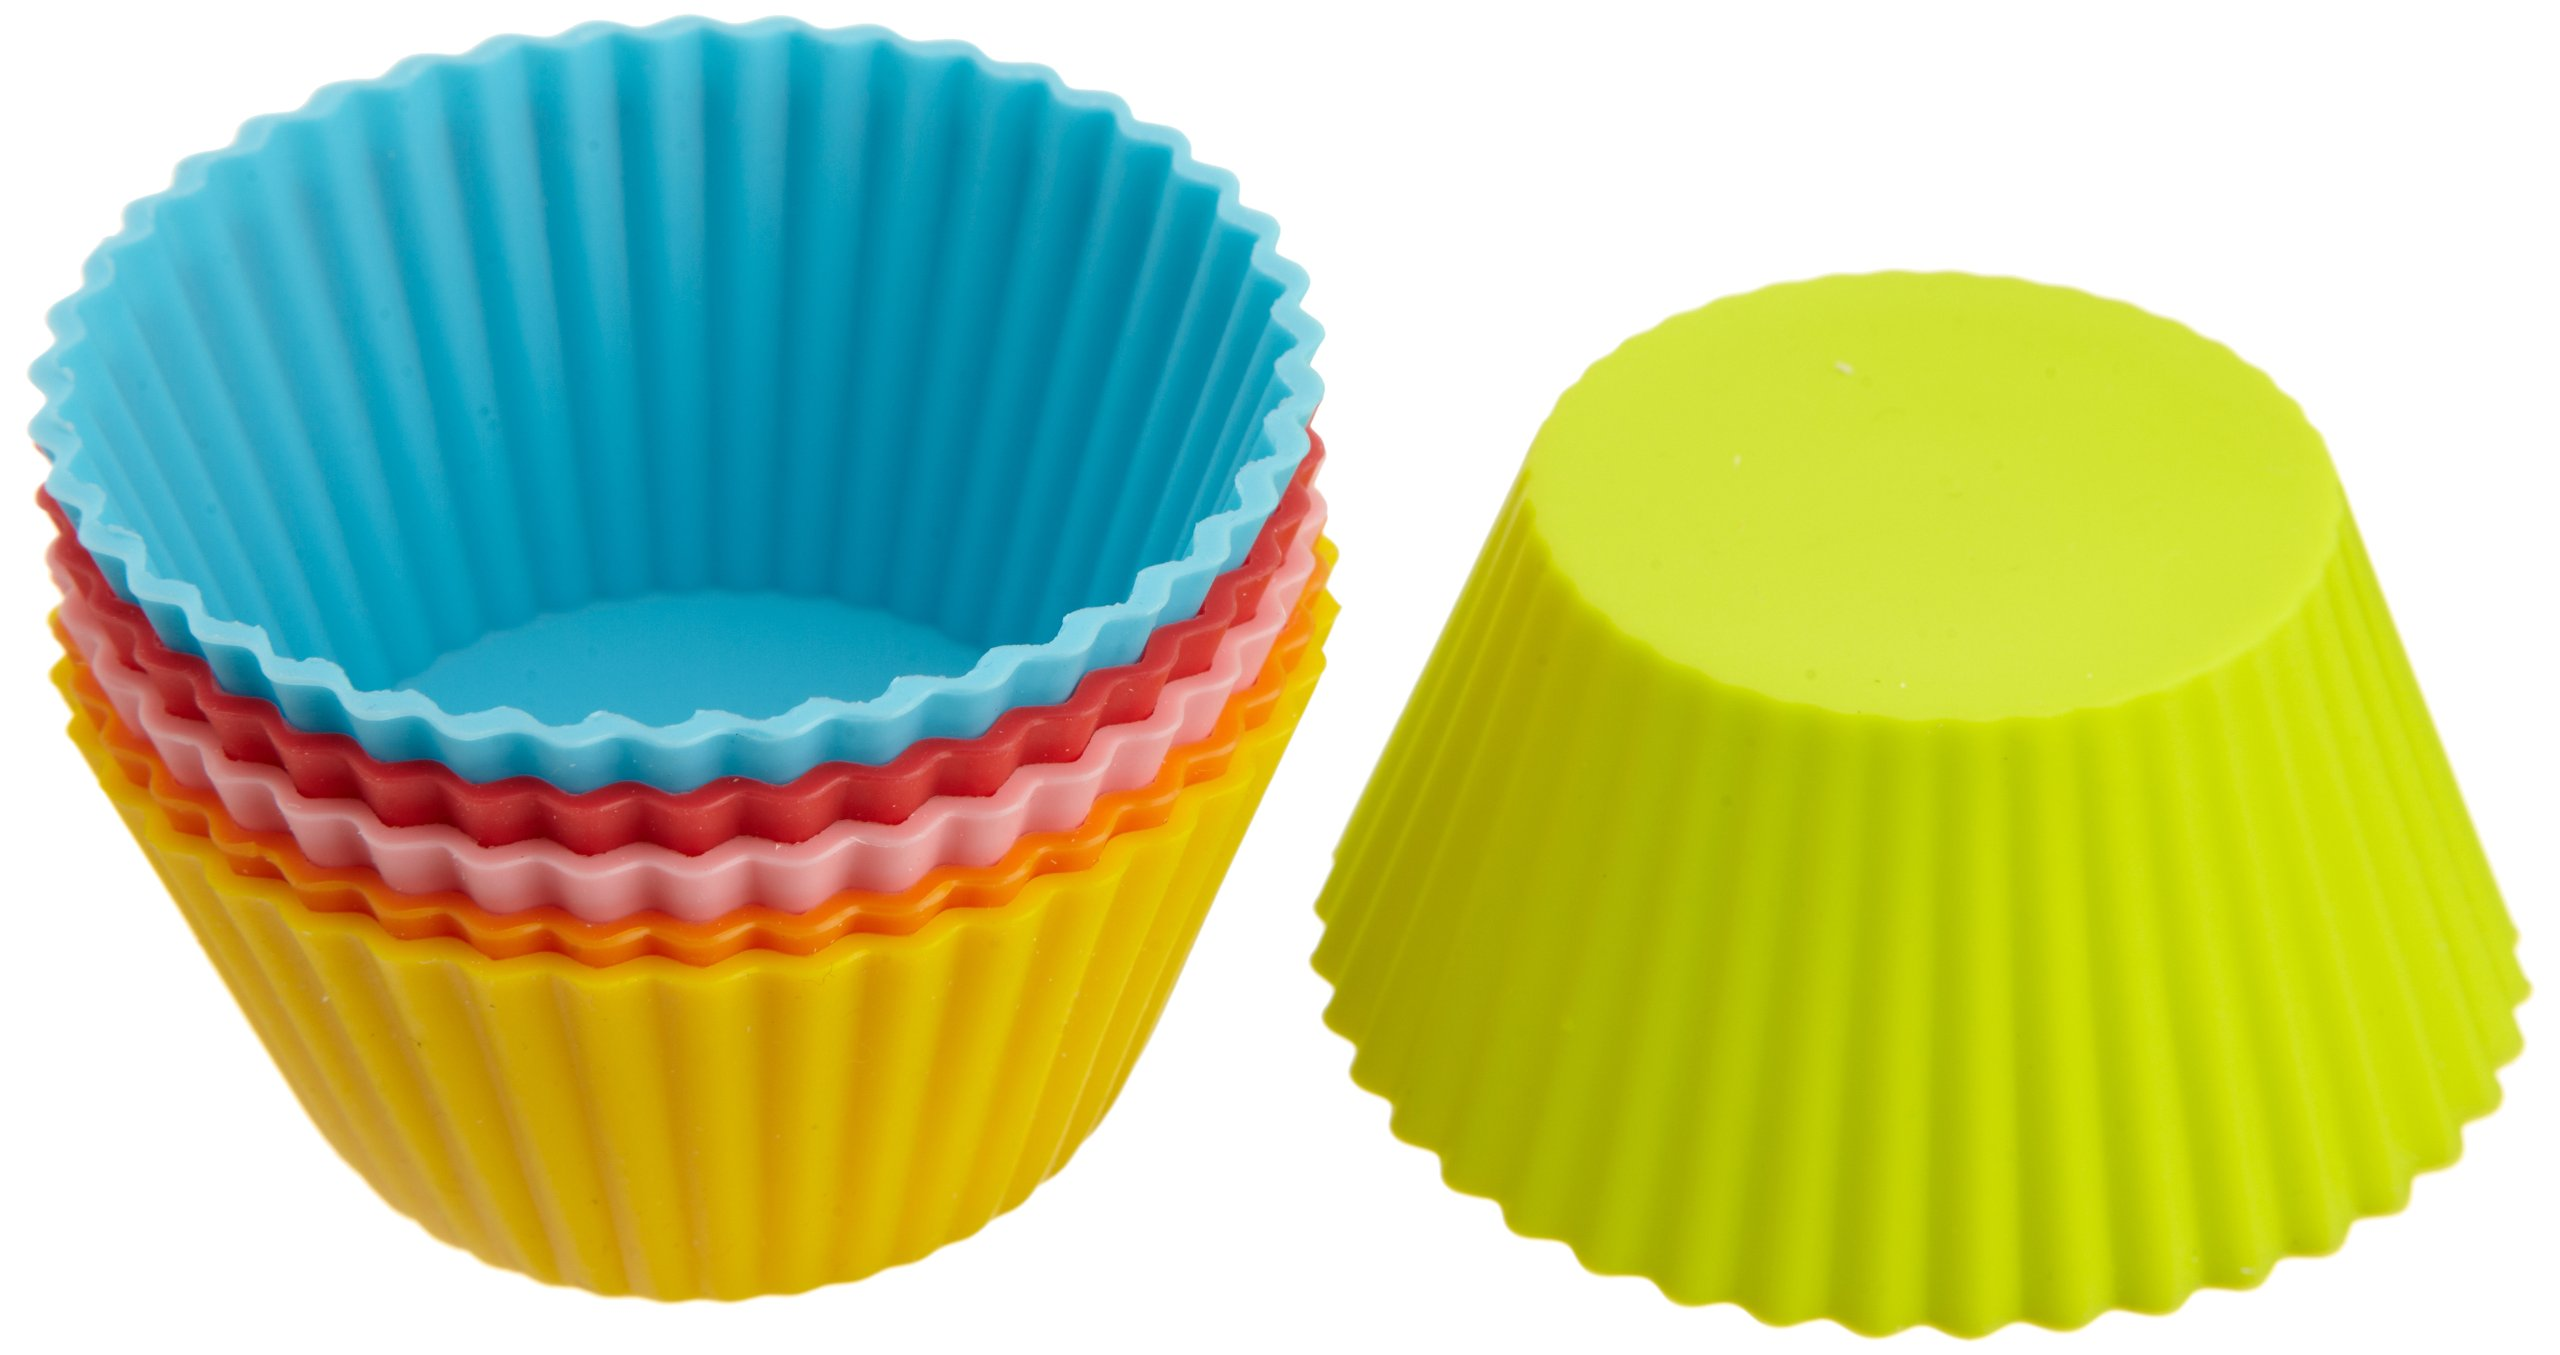 Casabella Standard Muffin Cups